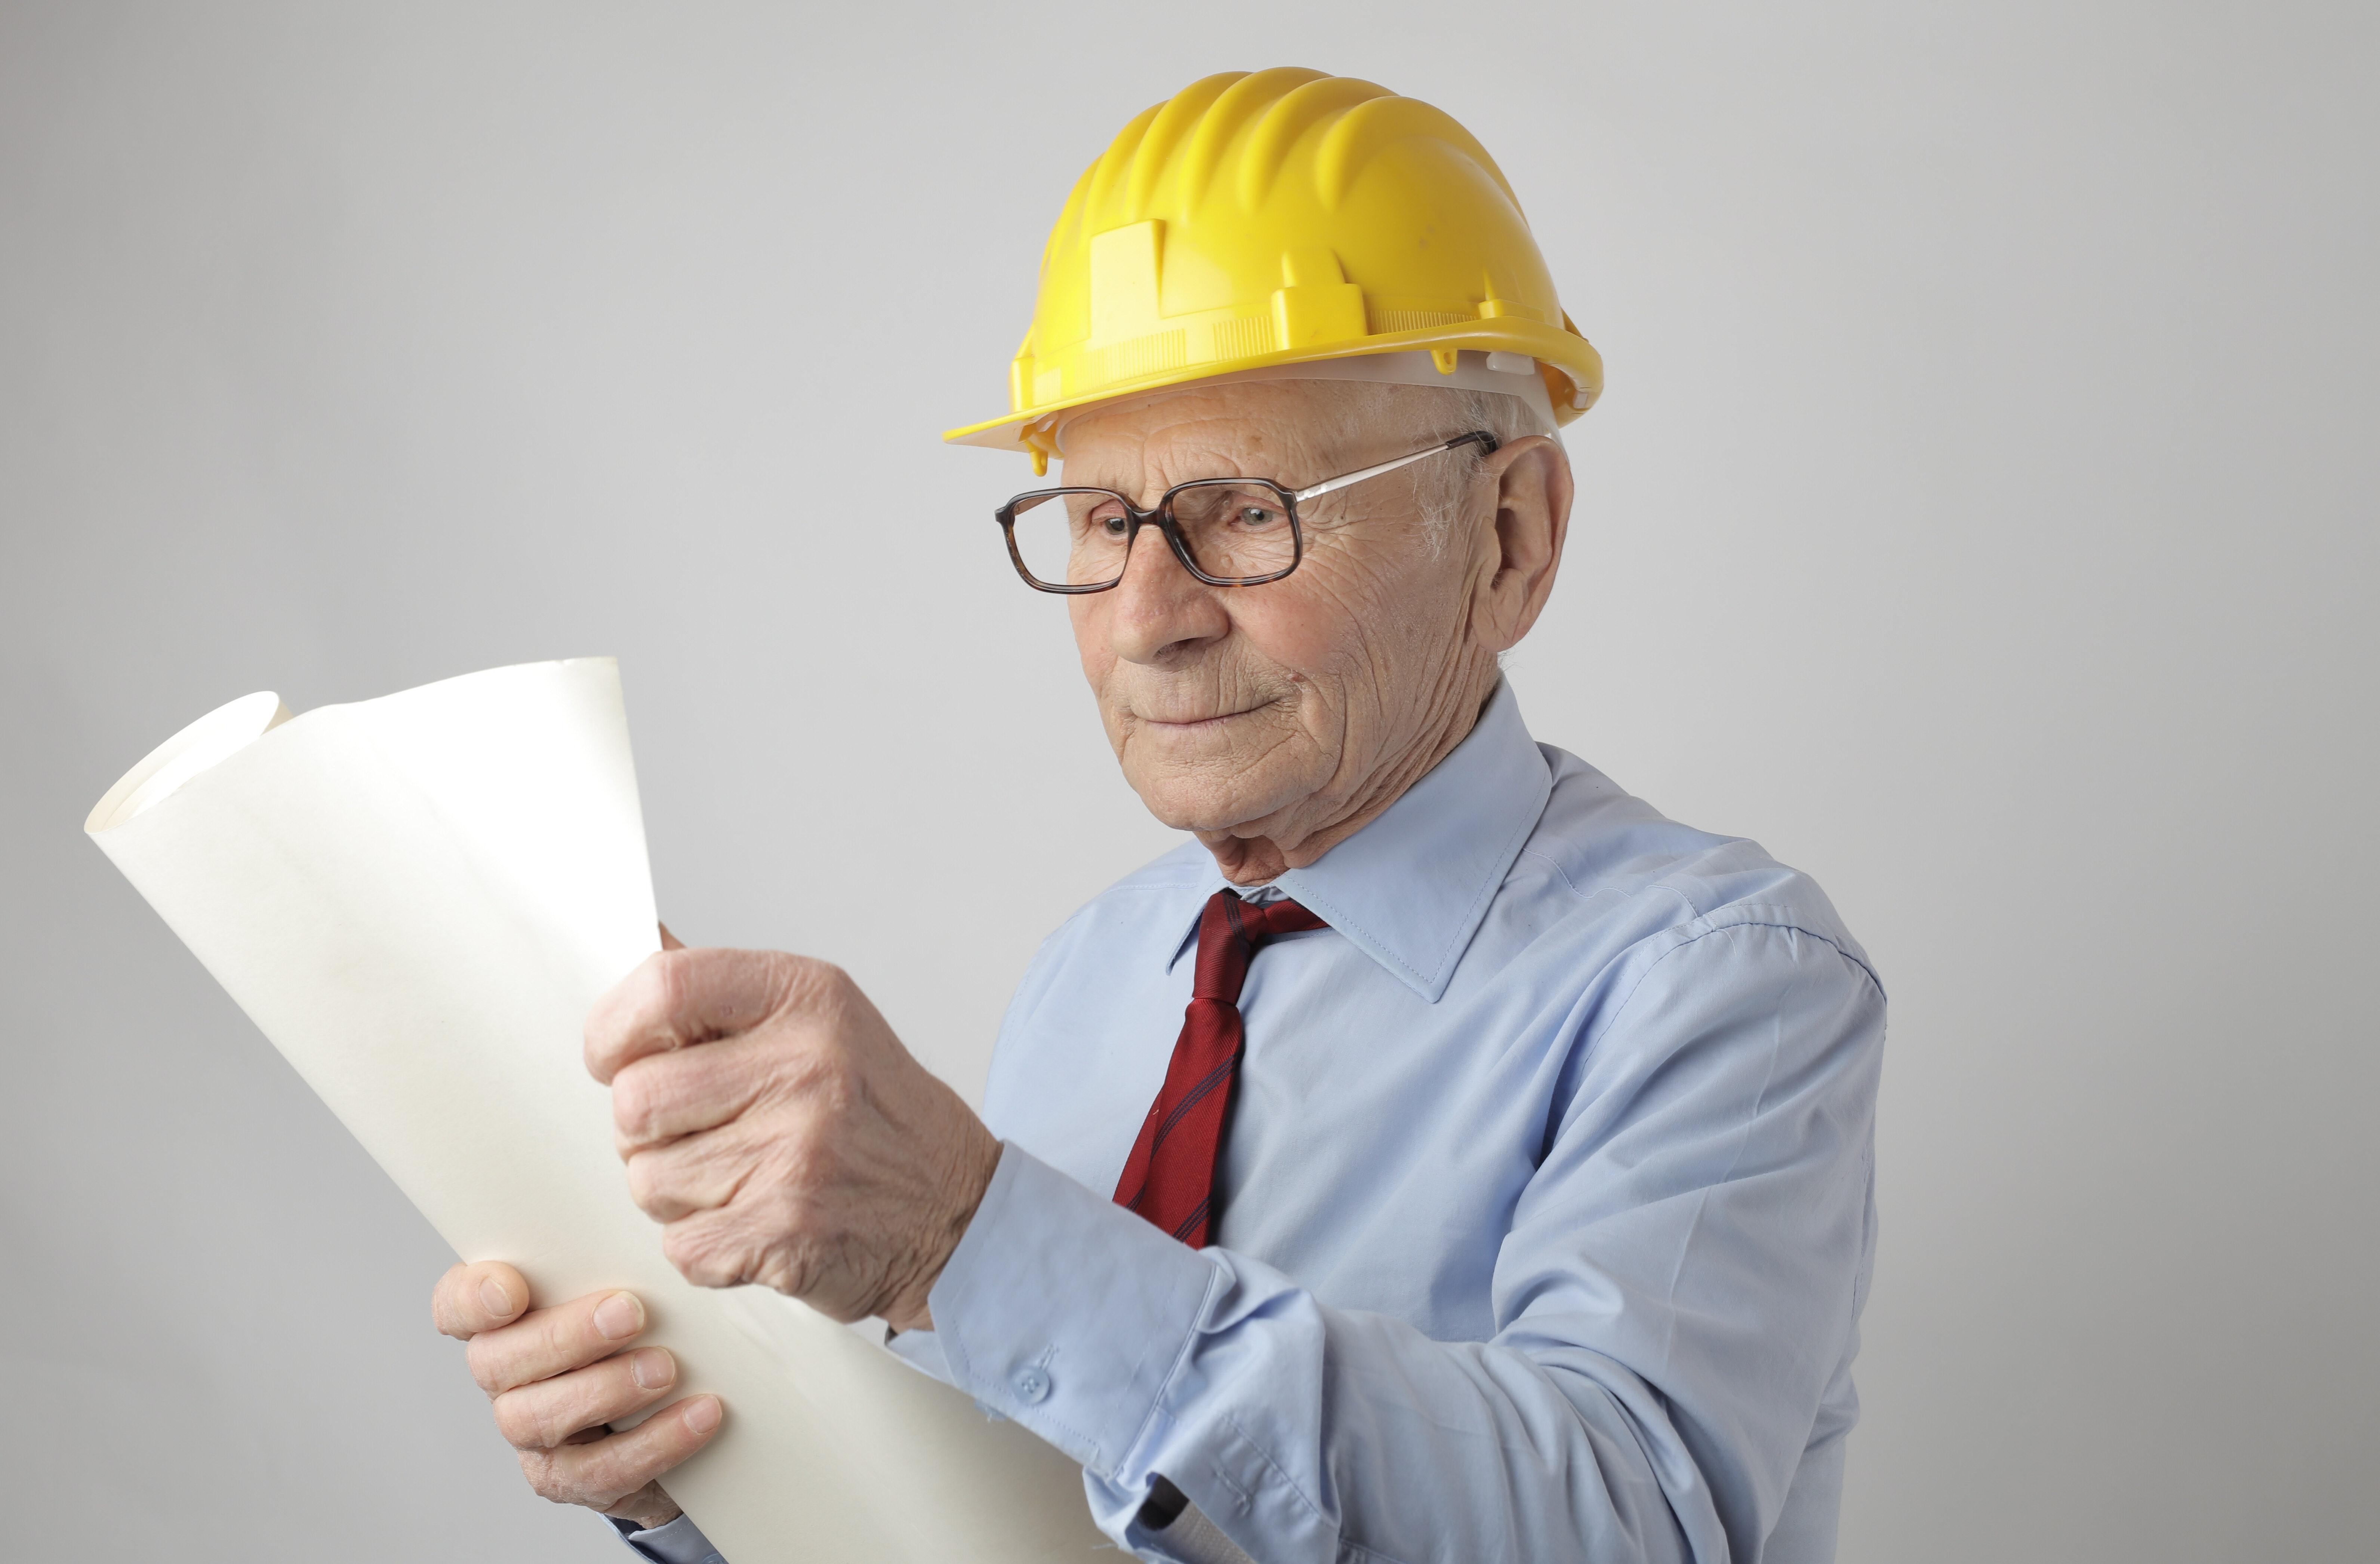 初入建筑行业应该从什么岗位做起?